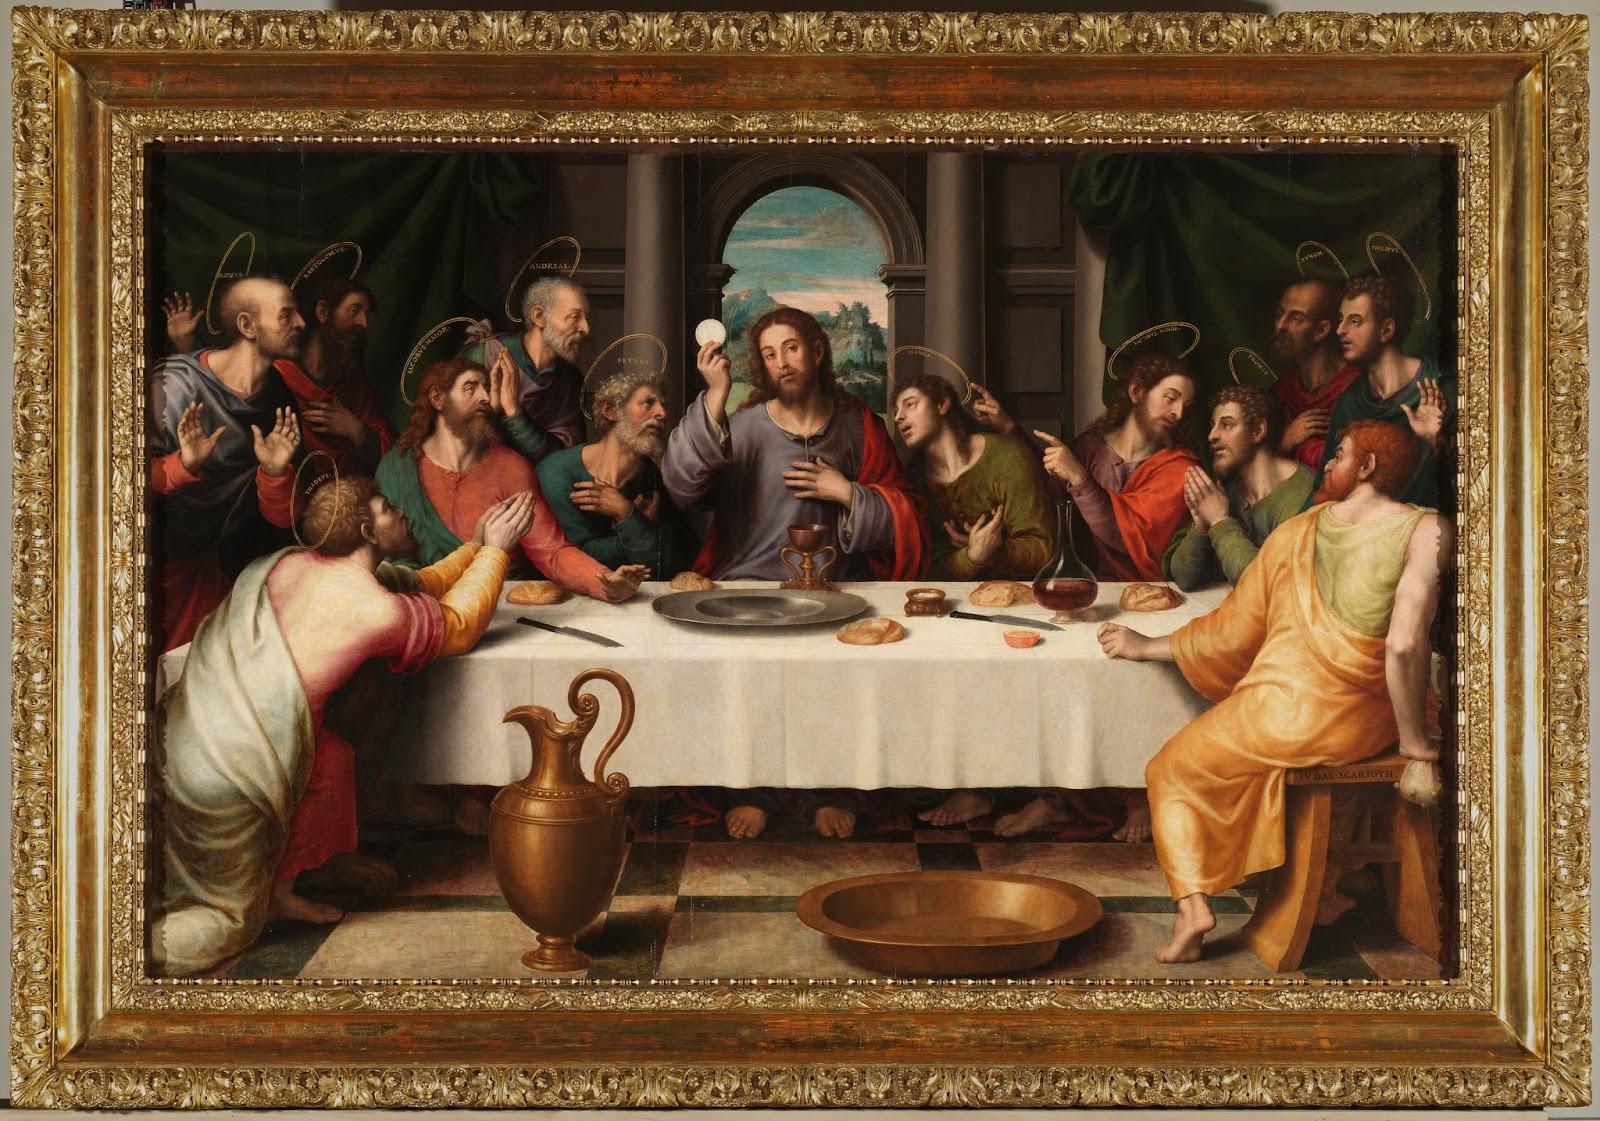 Imagen con la Última Cena de Jesús y sus discípulos